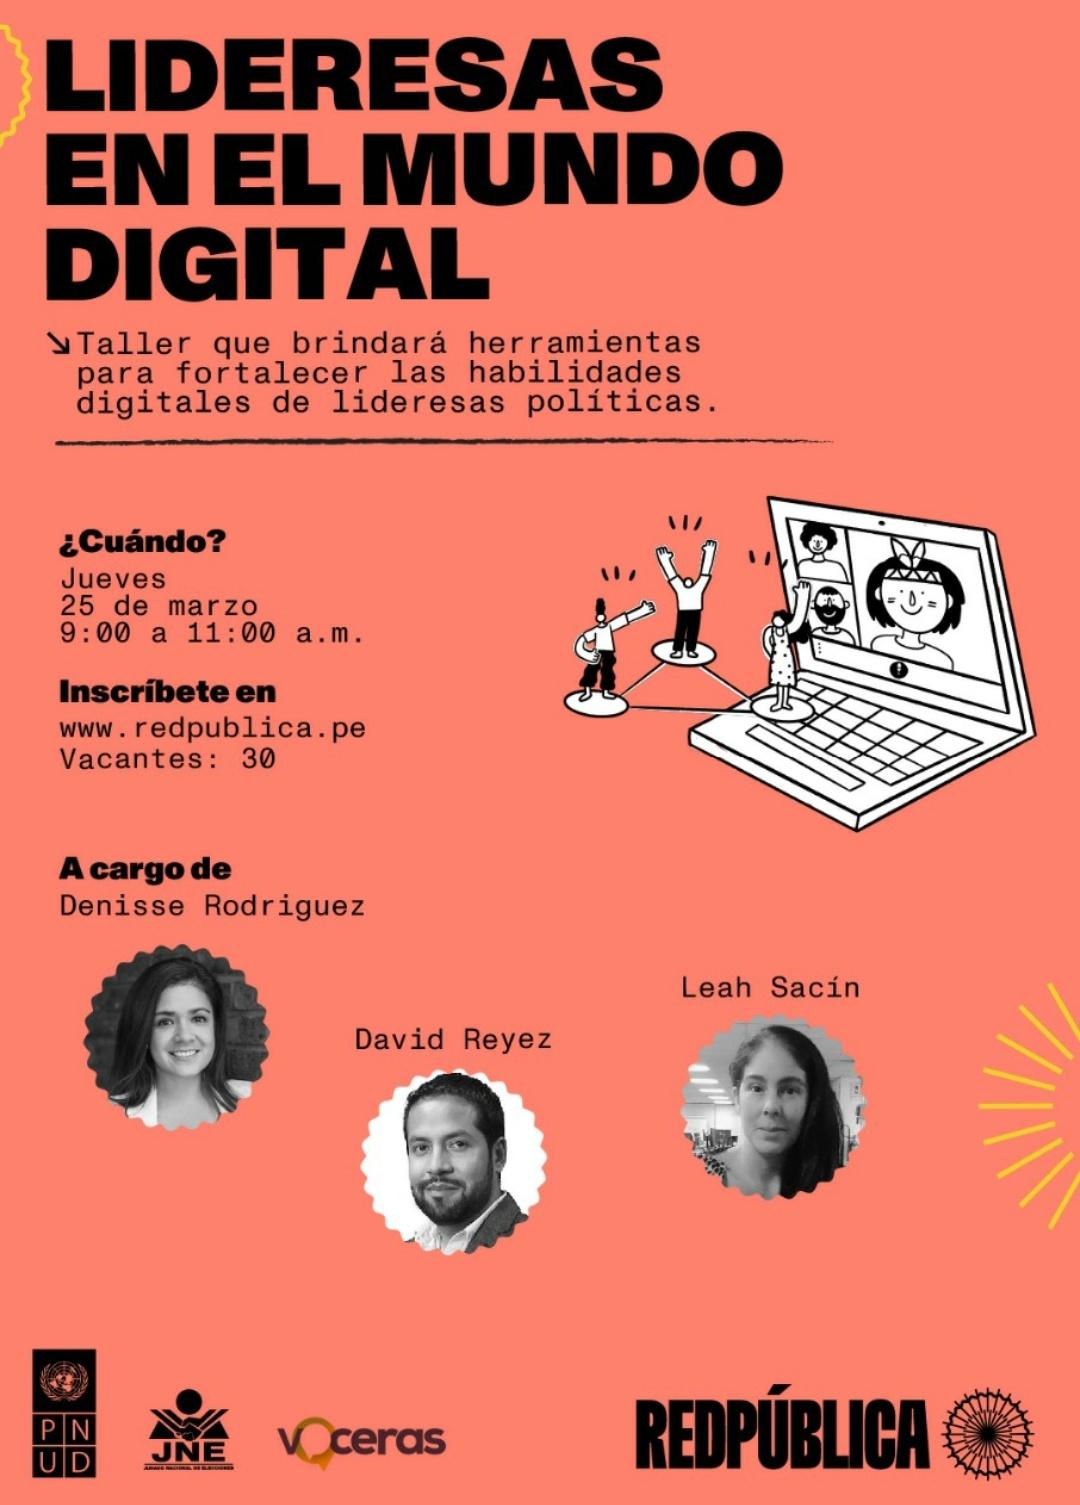 Taller para lideresas digitales - Voceras